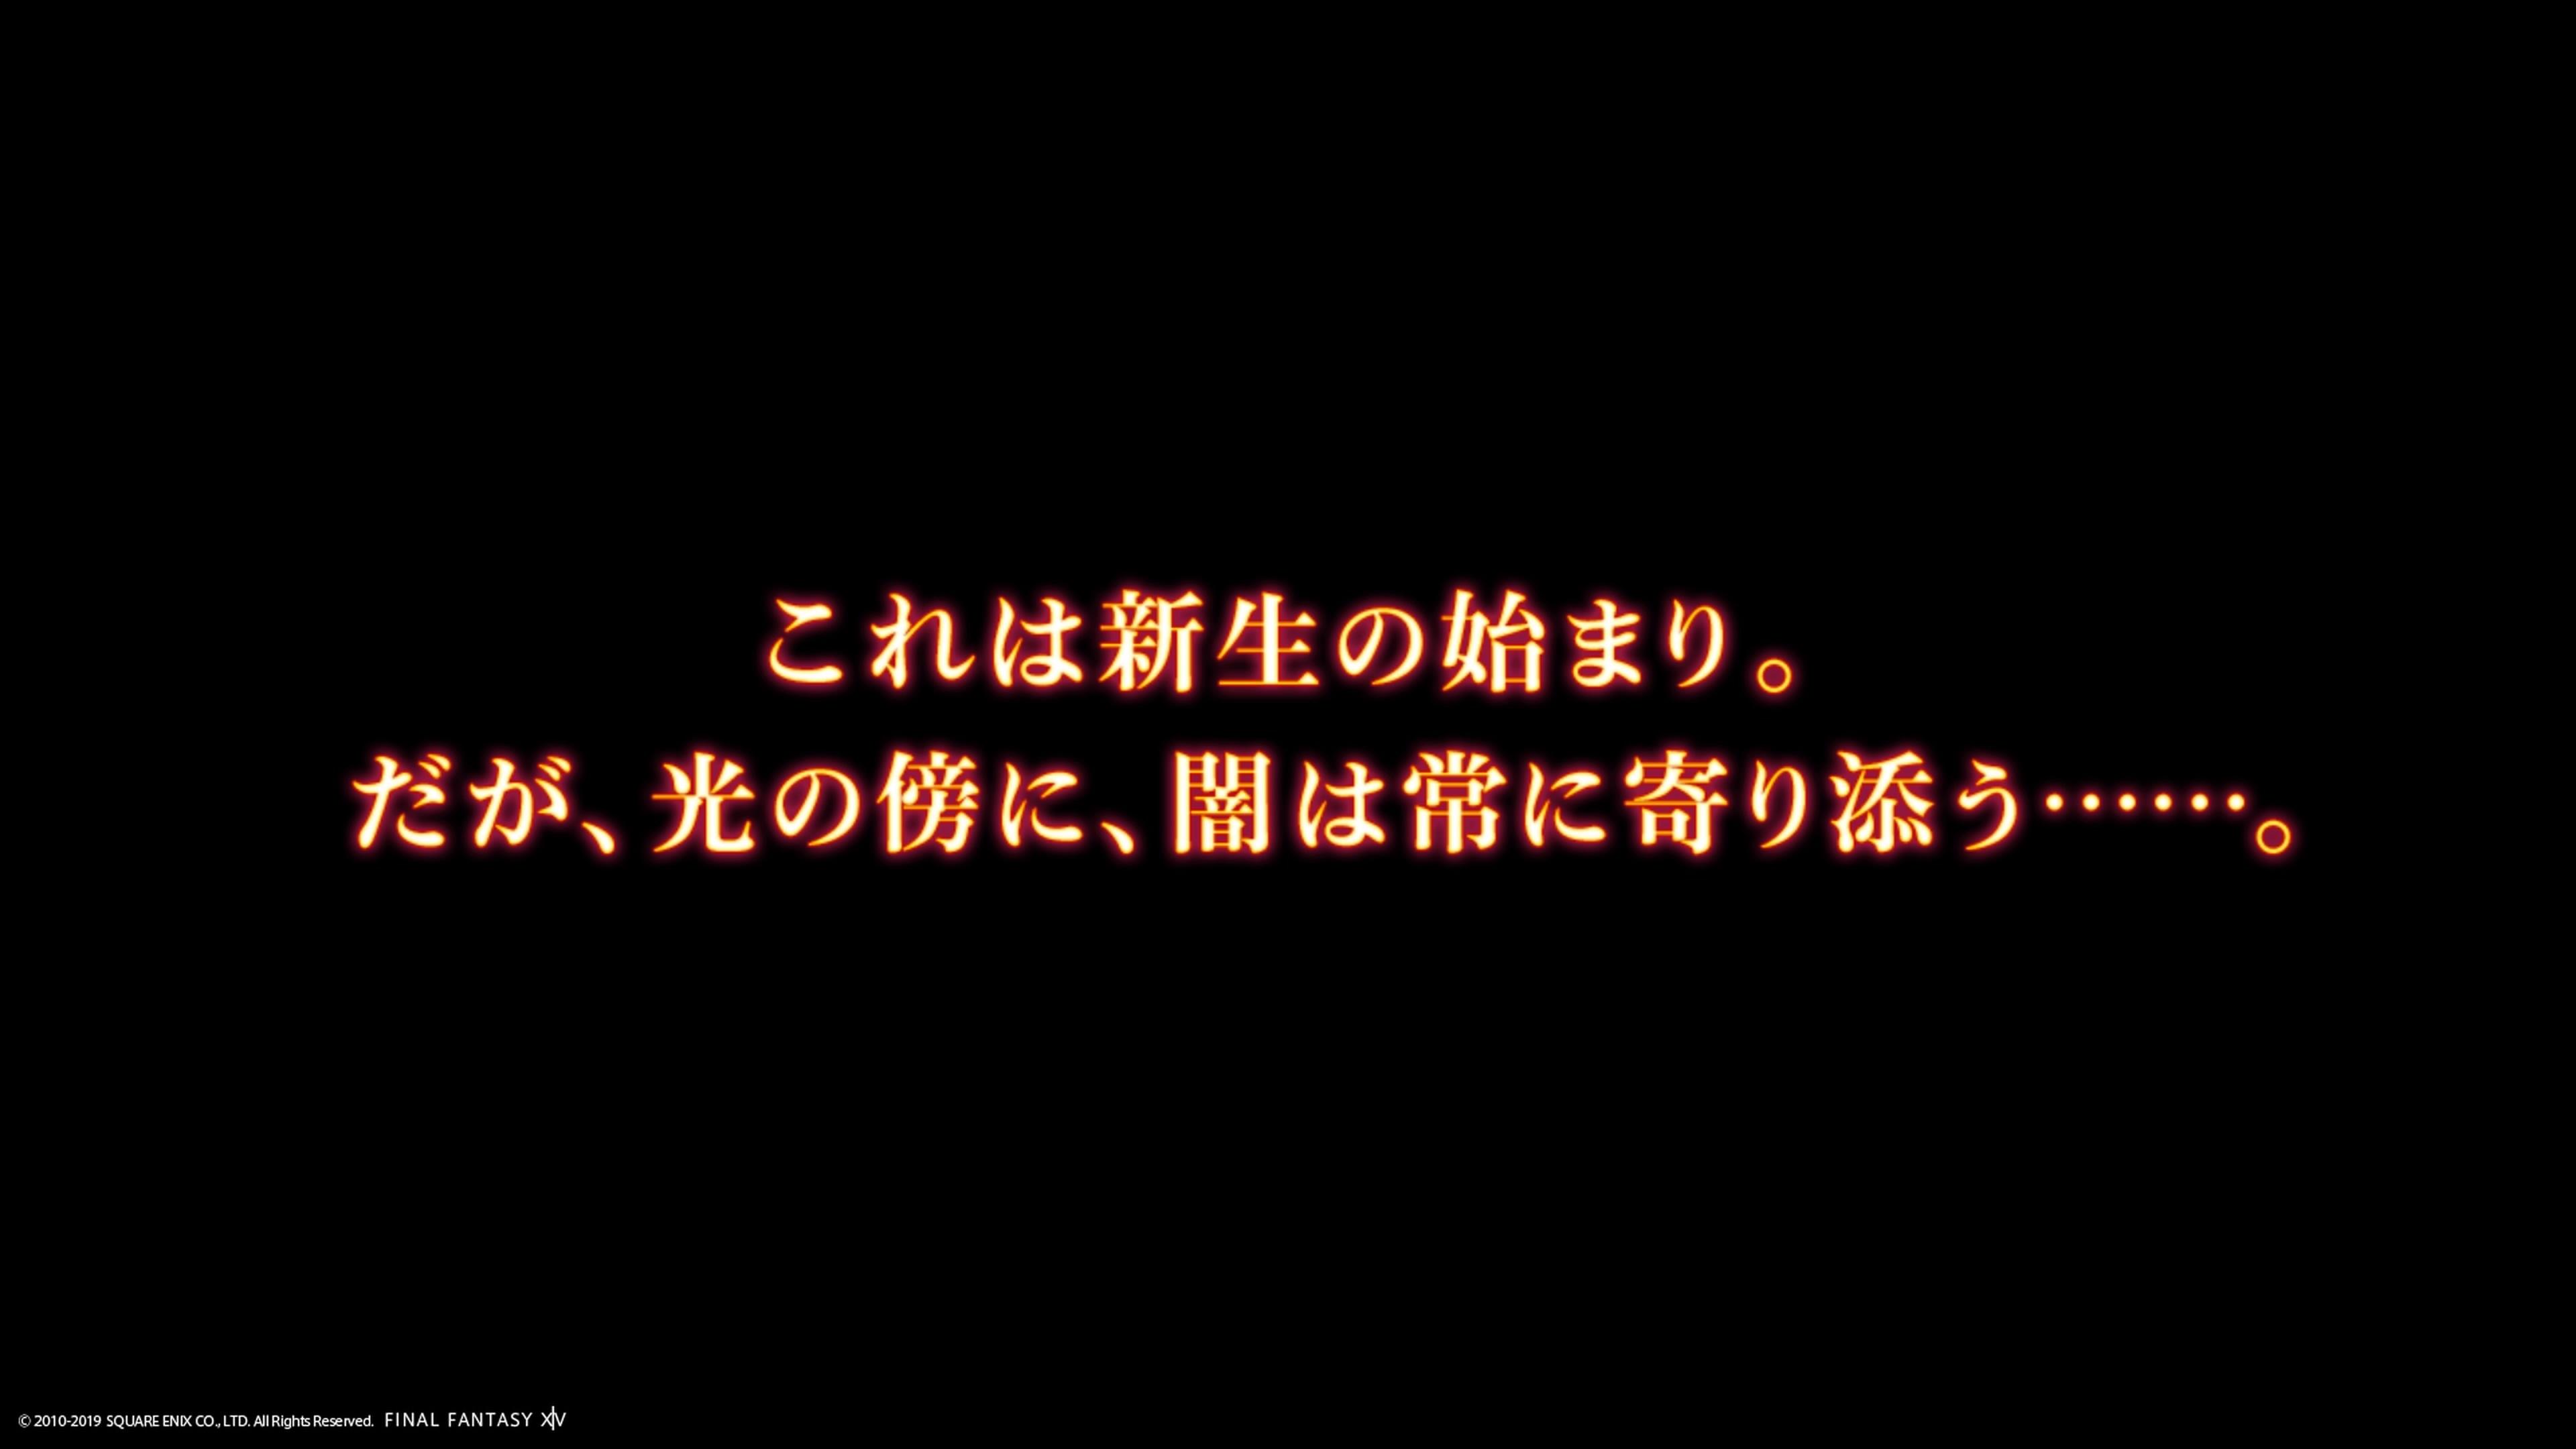 Mao Molkot 2019_10_01 00_58_45